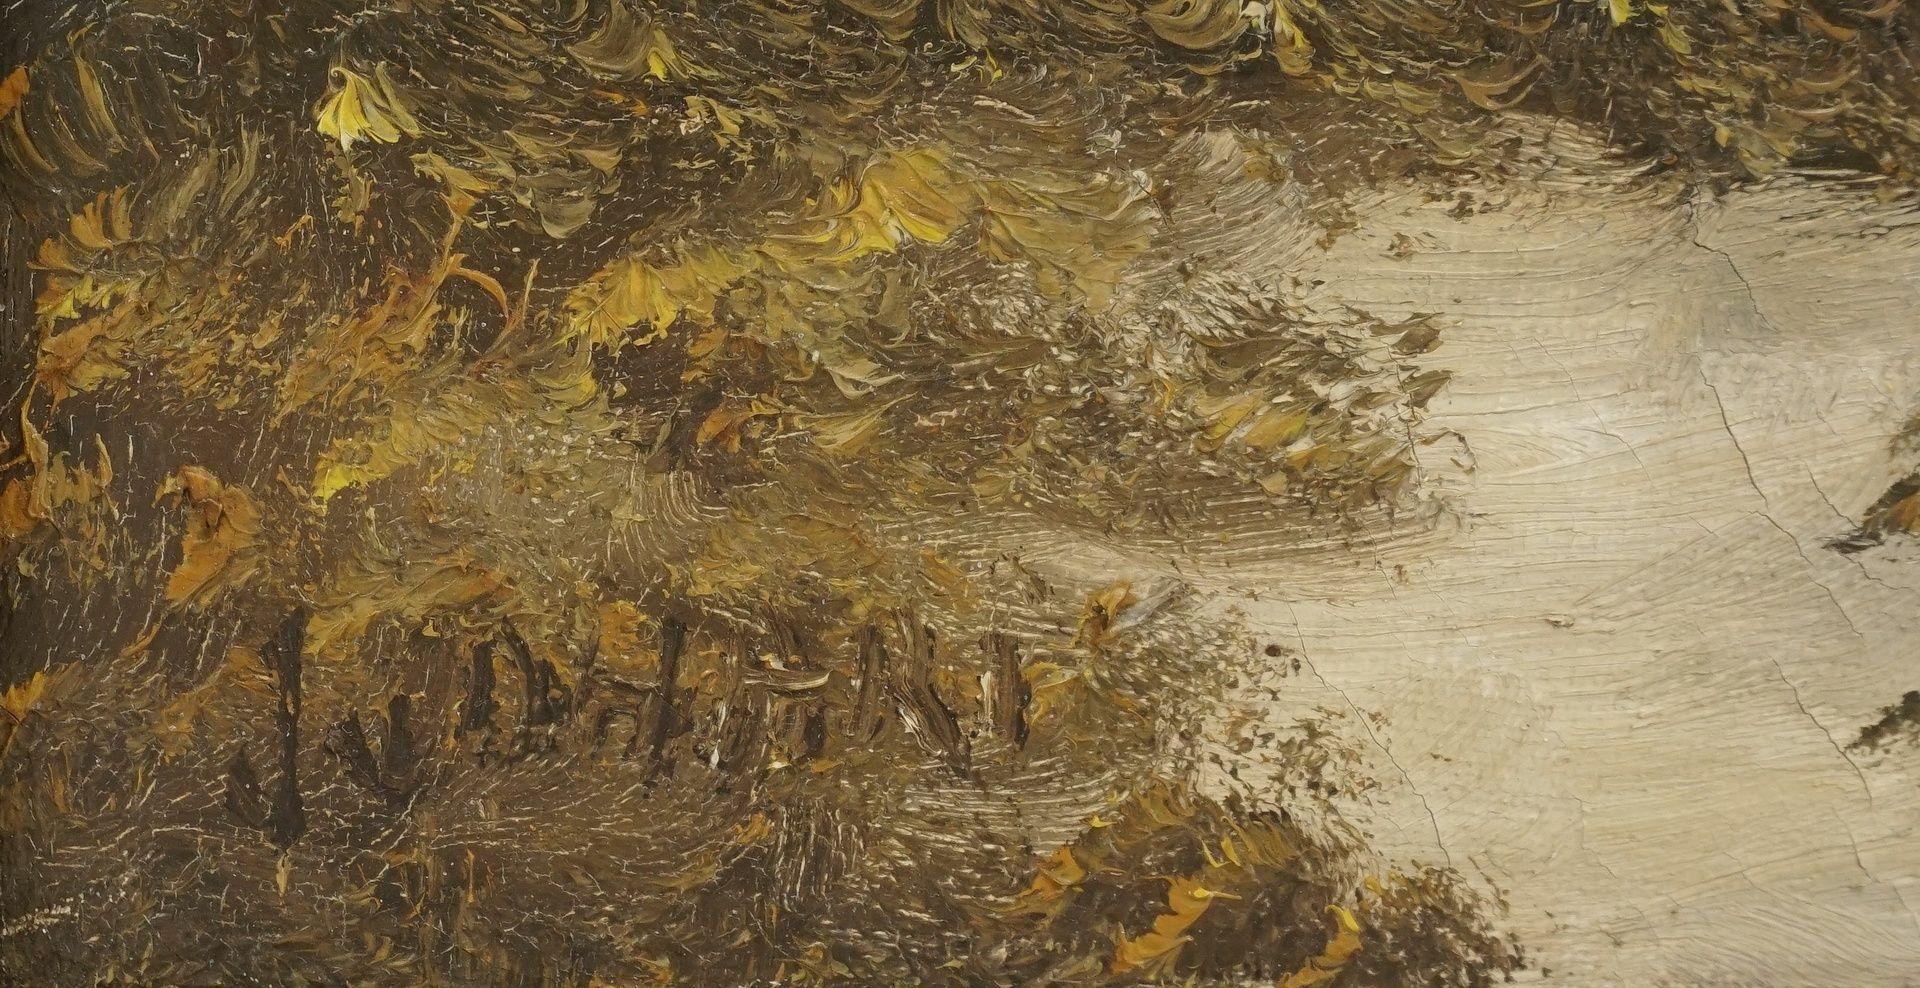 Unbekannter Künstler, Herbstliche Flusslandschaft - Bild 4 aus 4